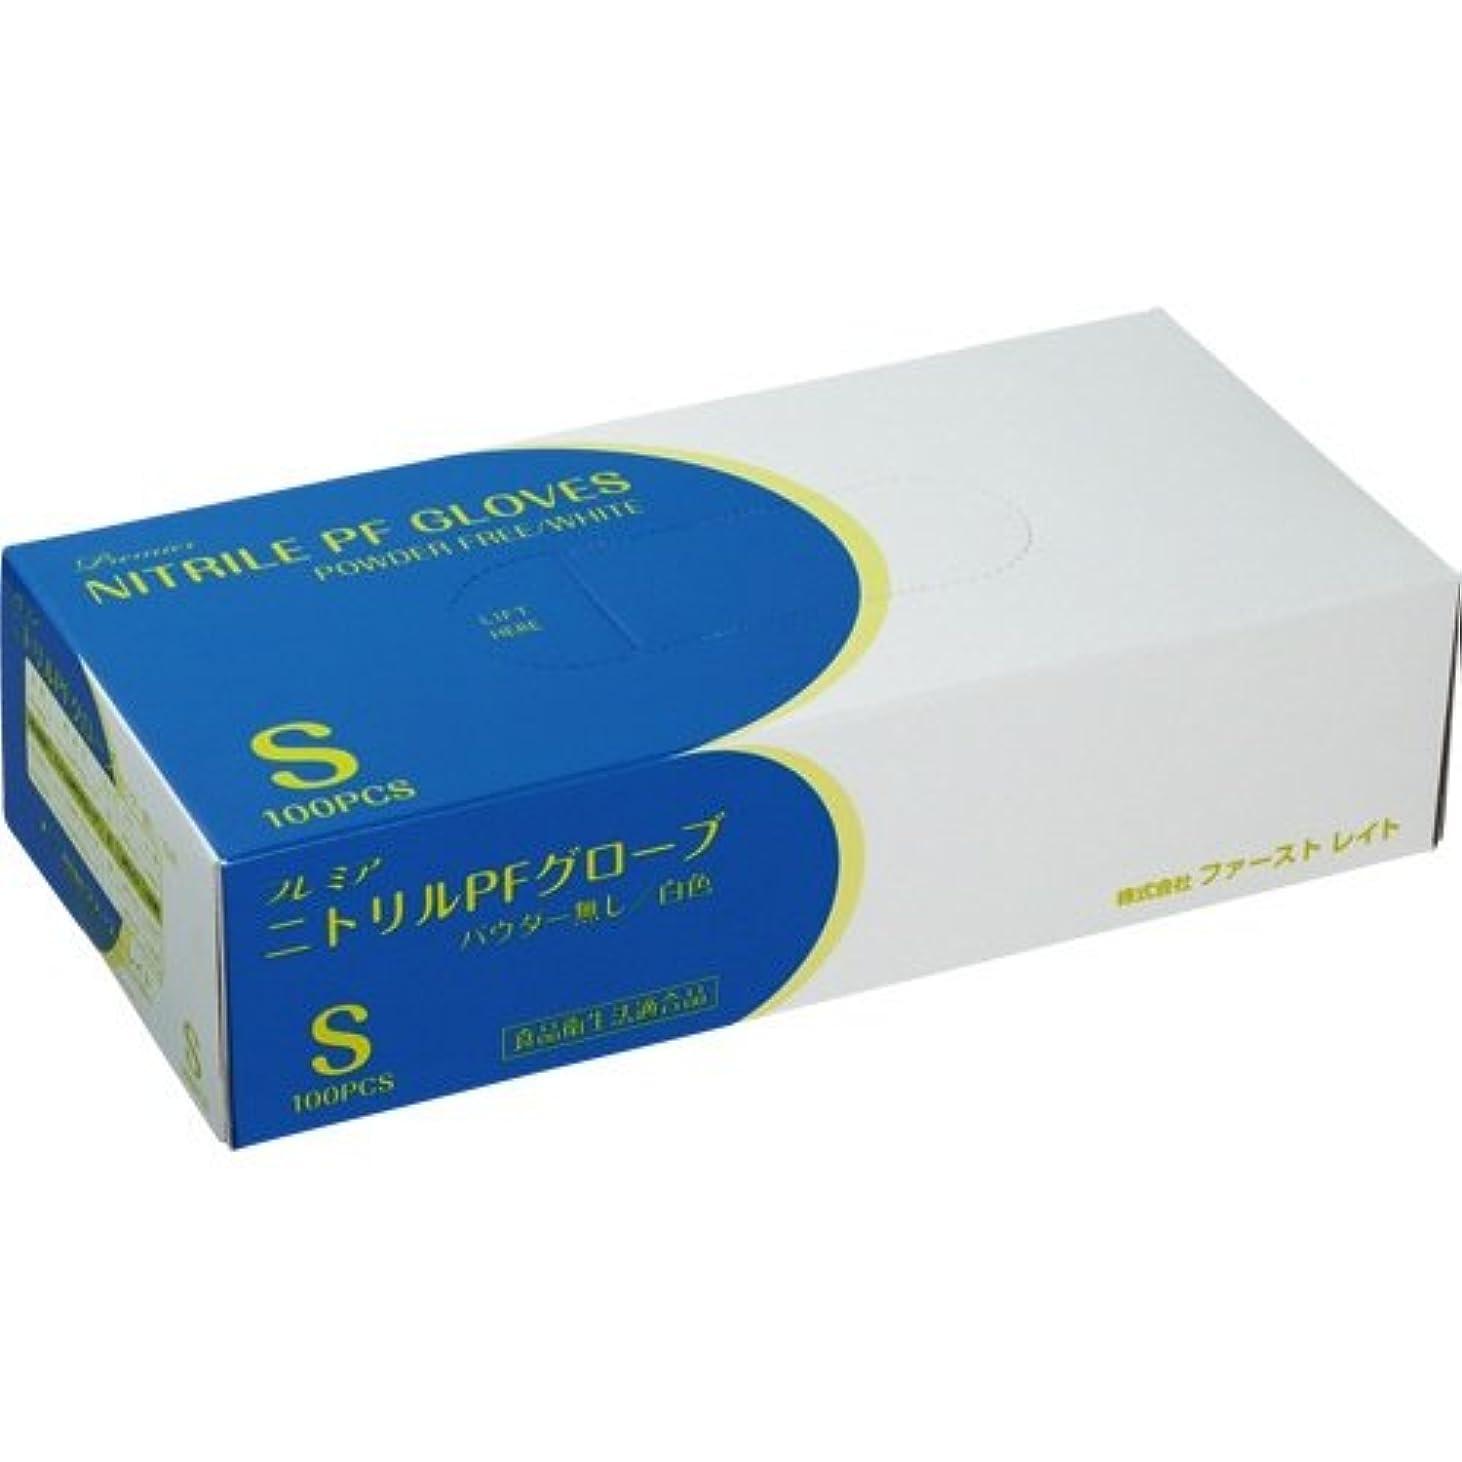 包括的臨検理想的にはファーストレイト プレミアニトリルPFグローブ パウダーフリー ホワイト S FR-856 1セット(1000枚:100枚×10箱)